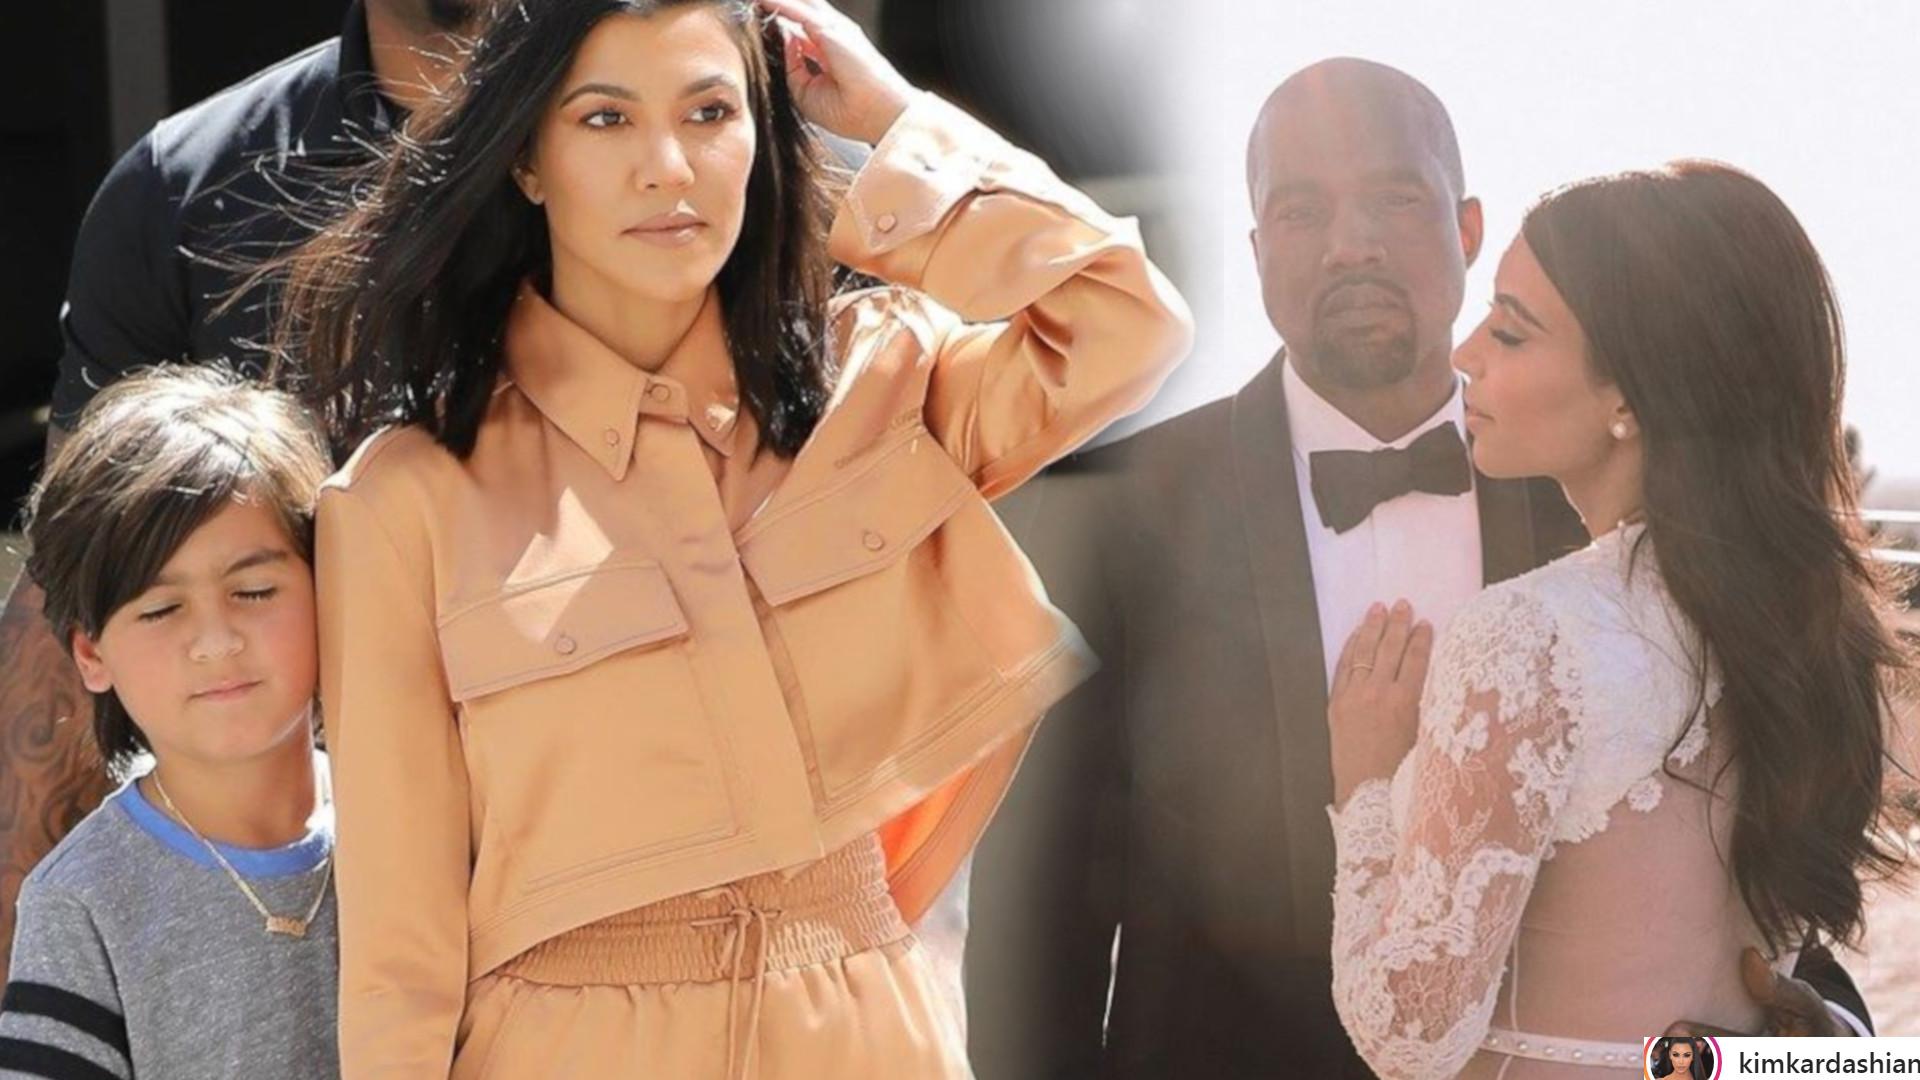 Kourtney Kardashian pokazała zdjęcie syna zrobione przed weselem Kim i Kanye – był takim małym chłopcem!